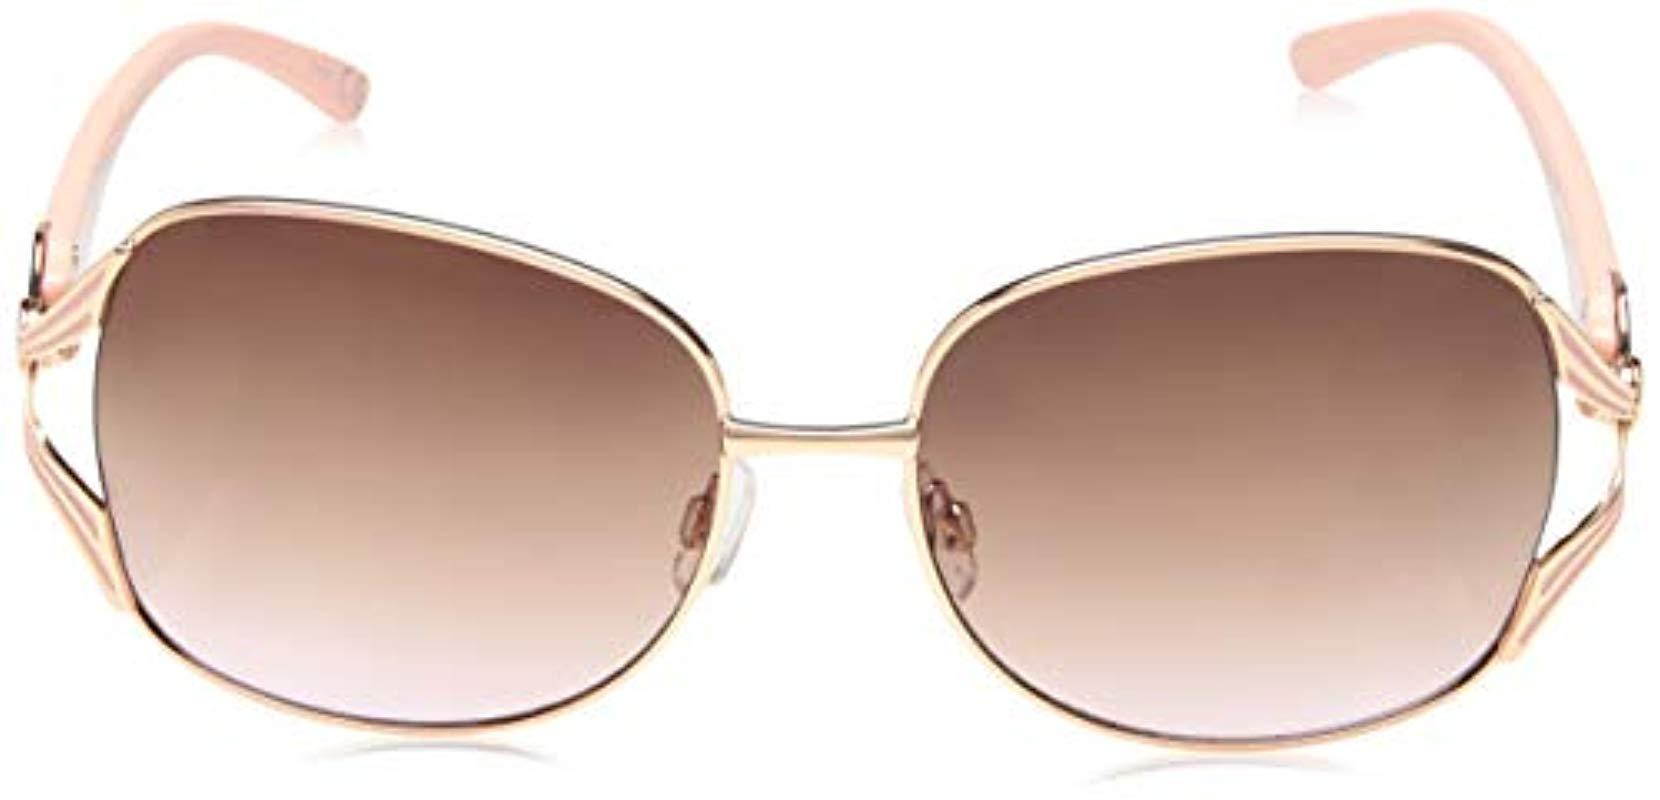 a7037e5f8a1 Lyst - Steve Madden Sm495123 Round Sunglasses Rose Gold